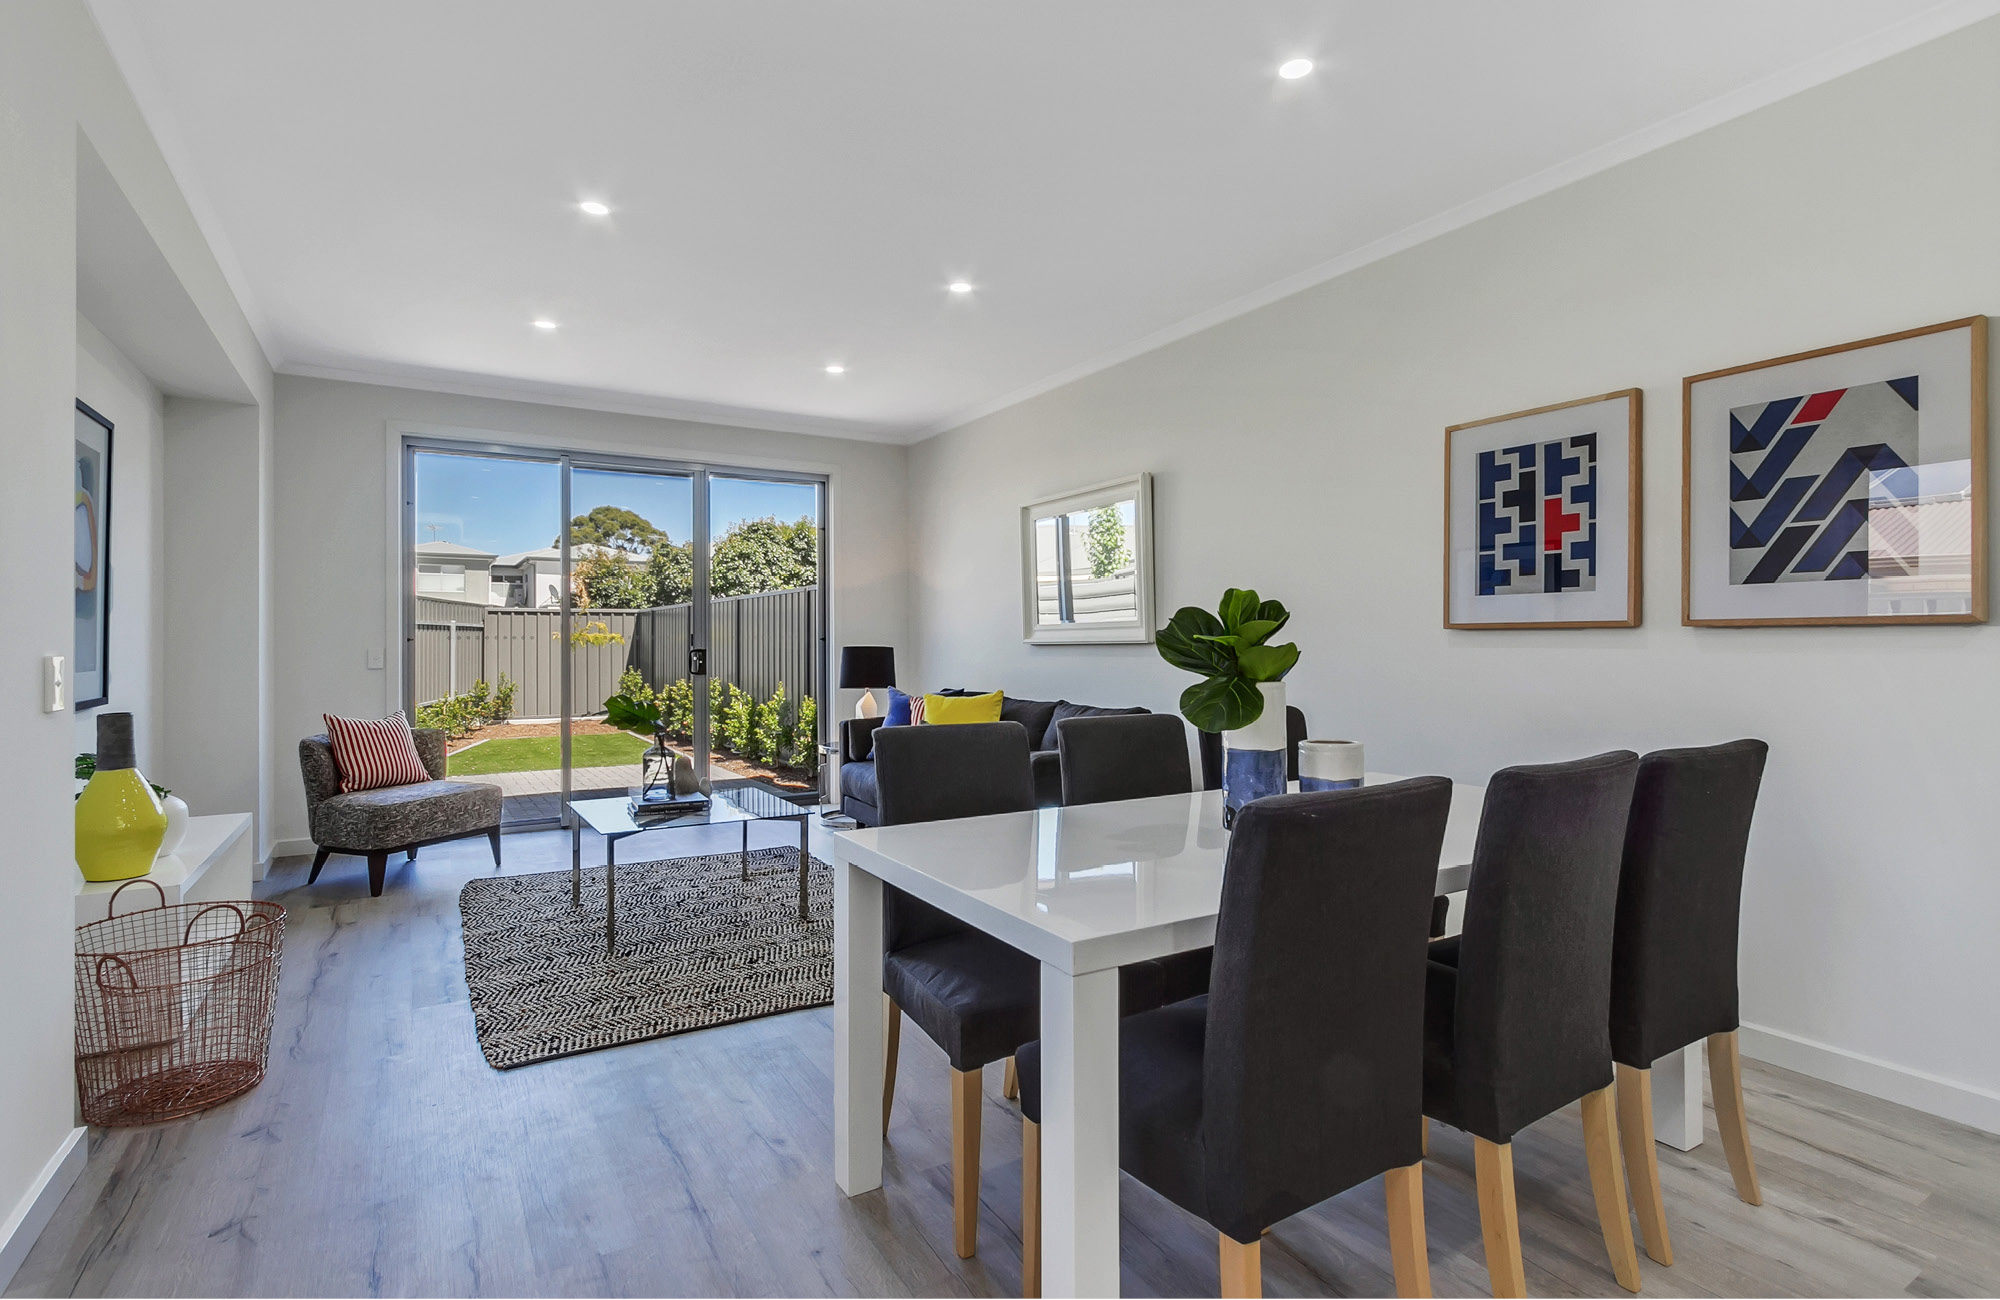 Morphettville Property Development Living